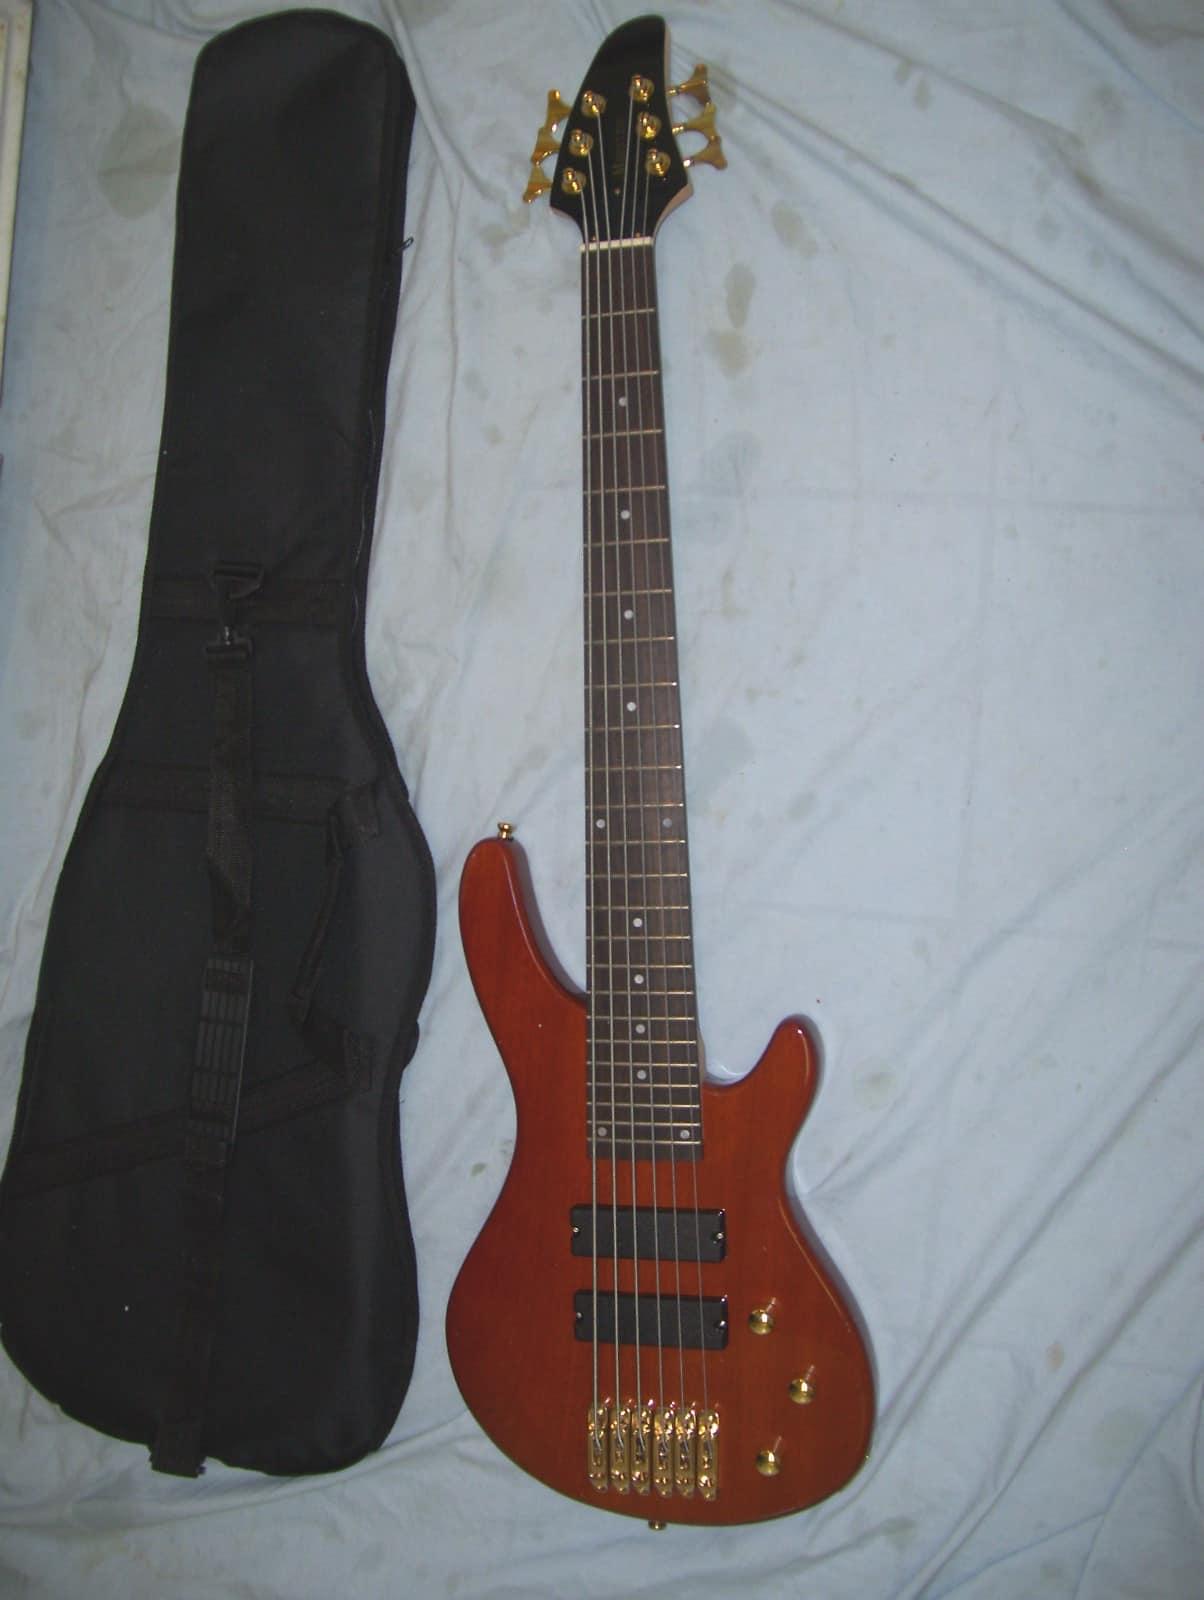 bass guitar 6 string reverb. Black Bedroom Furniture Sets. Home Design Ideas